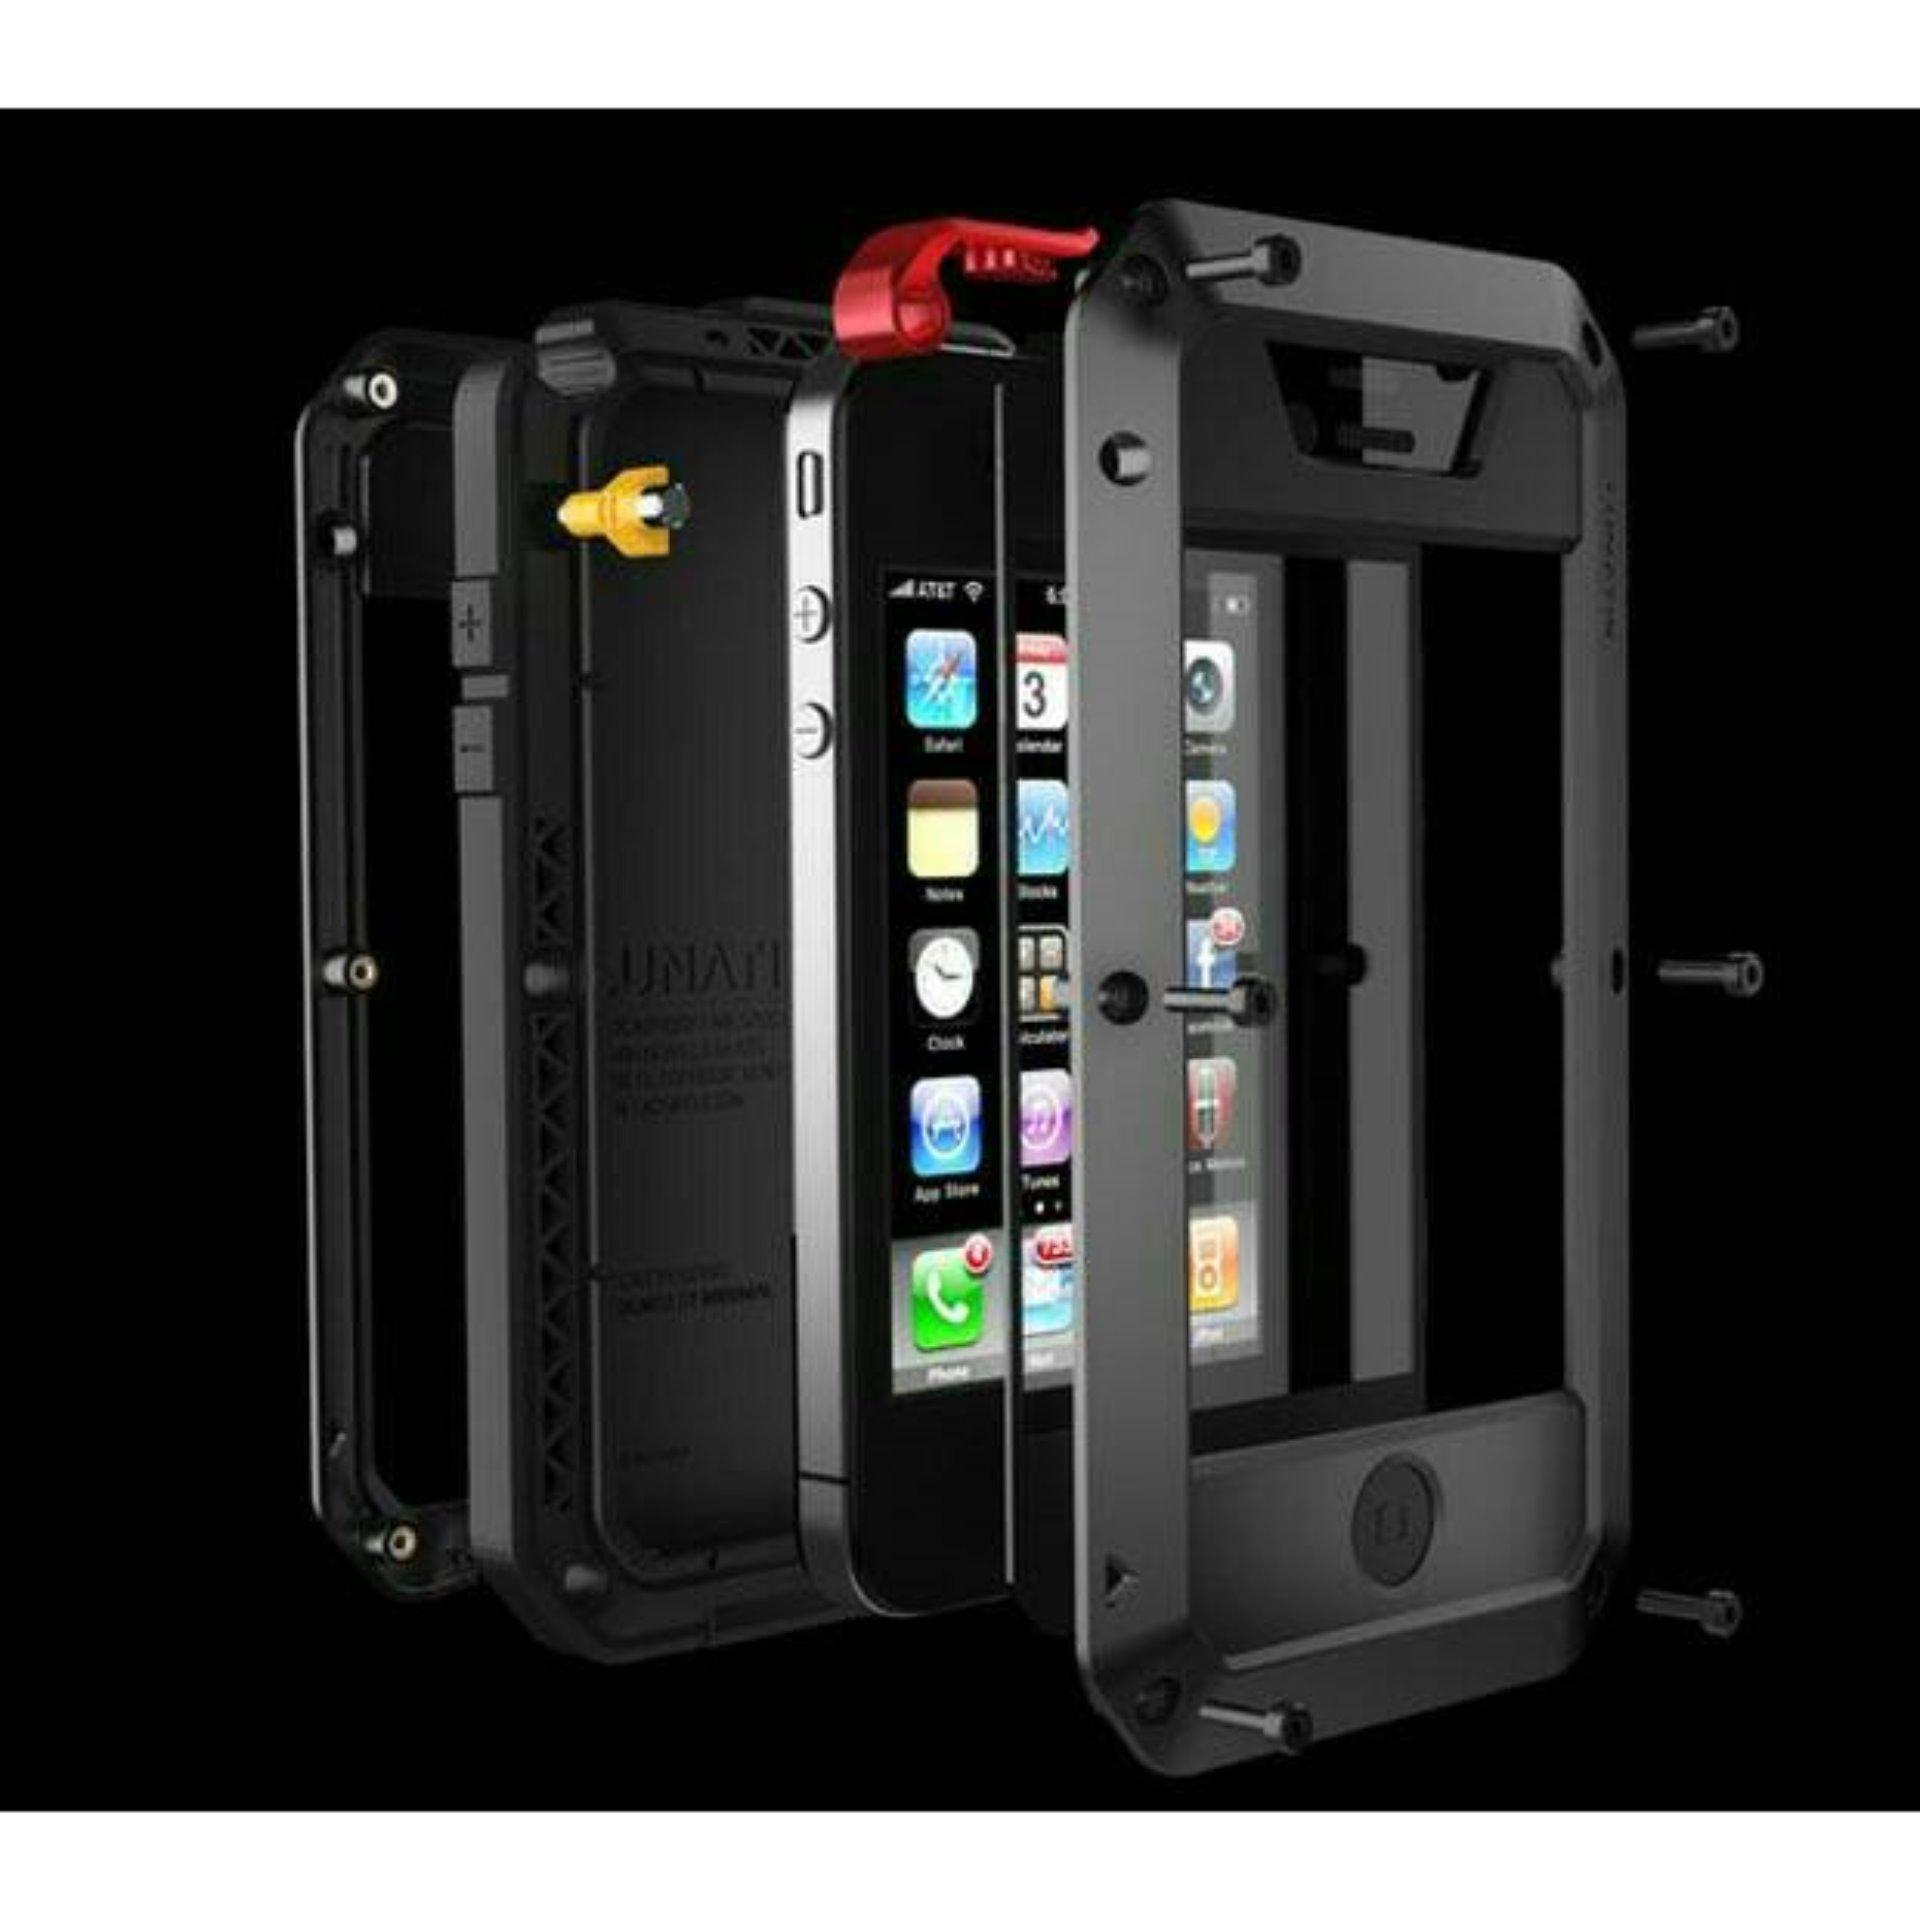 Periksa Peringkat Lunatik Case Iphone 5 5g 5s 5se Waterproof Dan Swarovsky Motif Tahan Banting